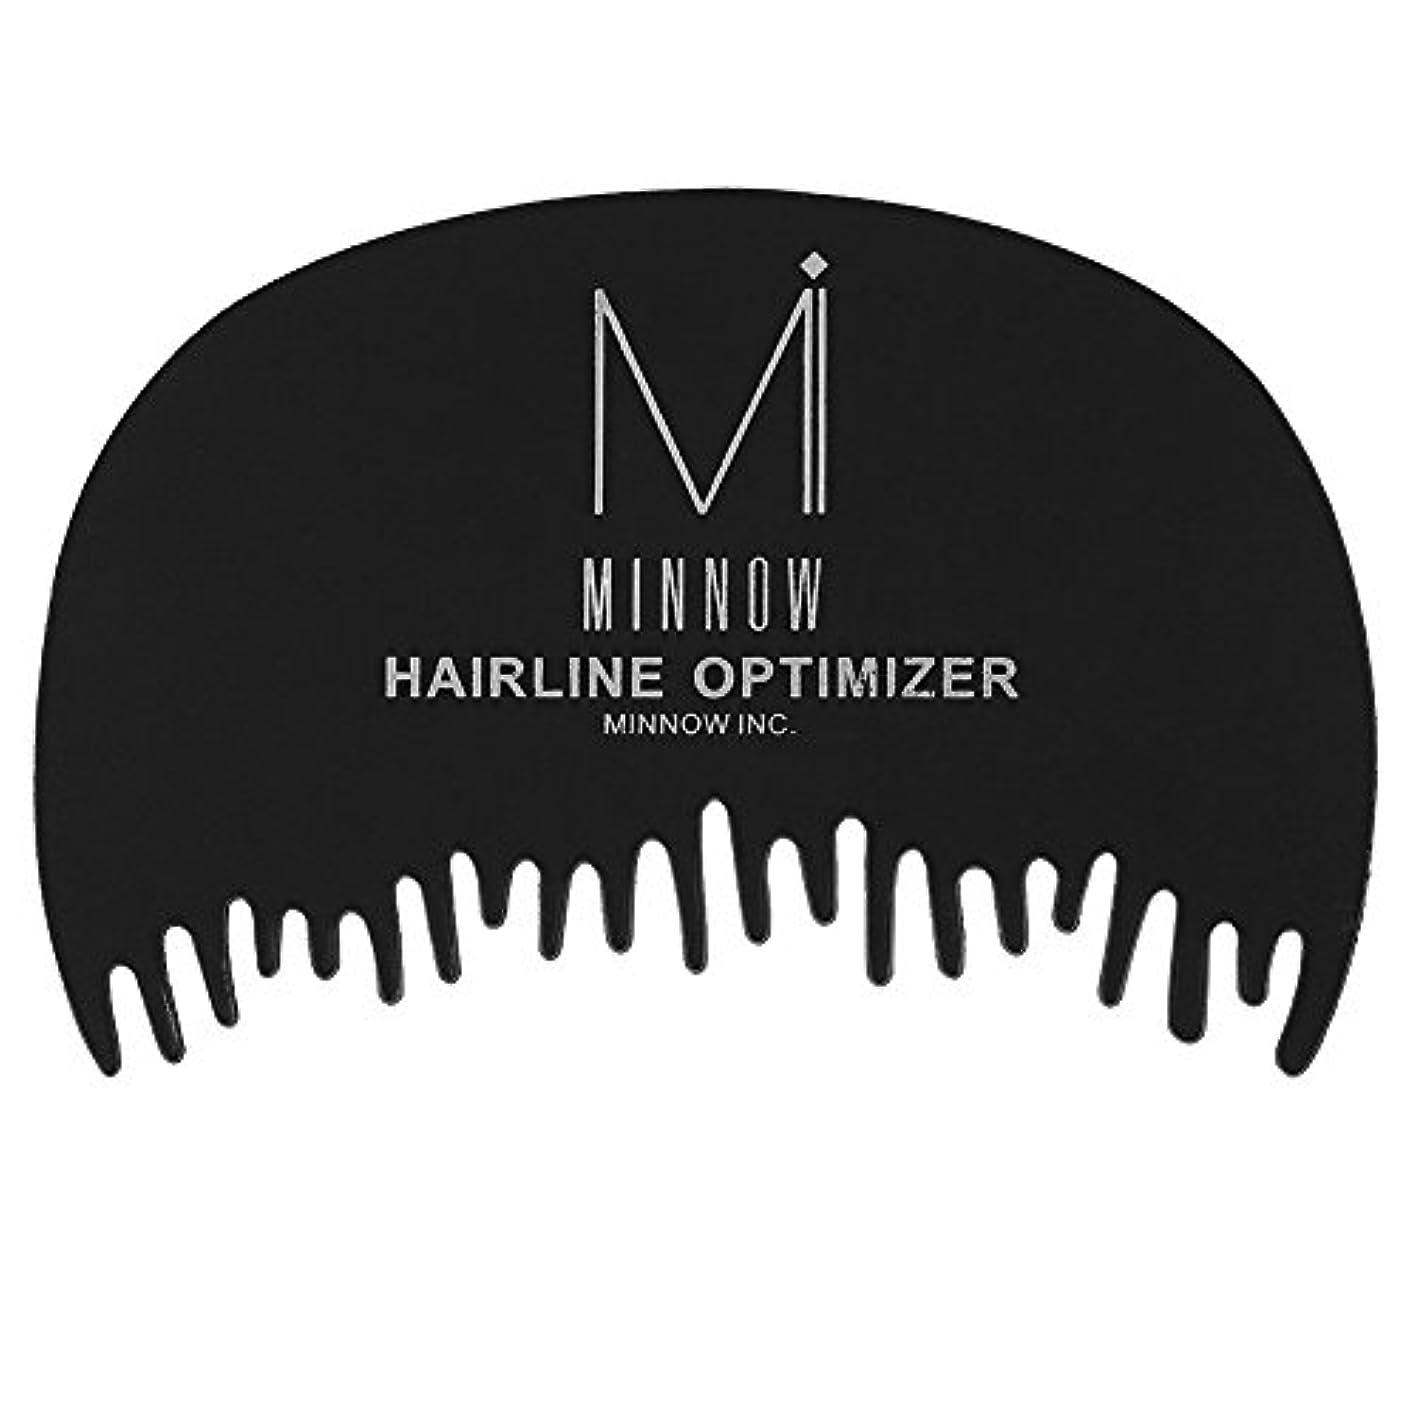 ビデオ器官解決するヘアラインコーム、ヘアドレッサー細い毛繊維の前髪ヘアラインオプティマイザーフィルムプラスチック専用コーム、プロフェッショナルビューティーサロン製品アクセサリー